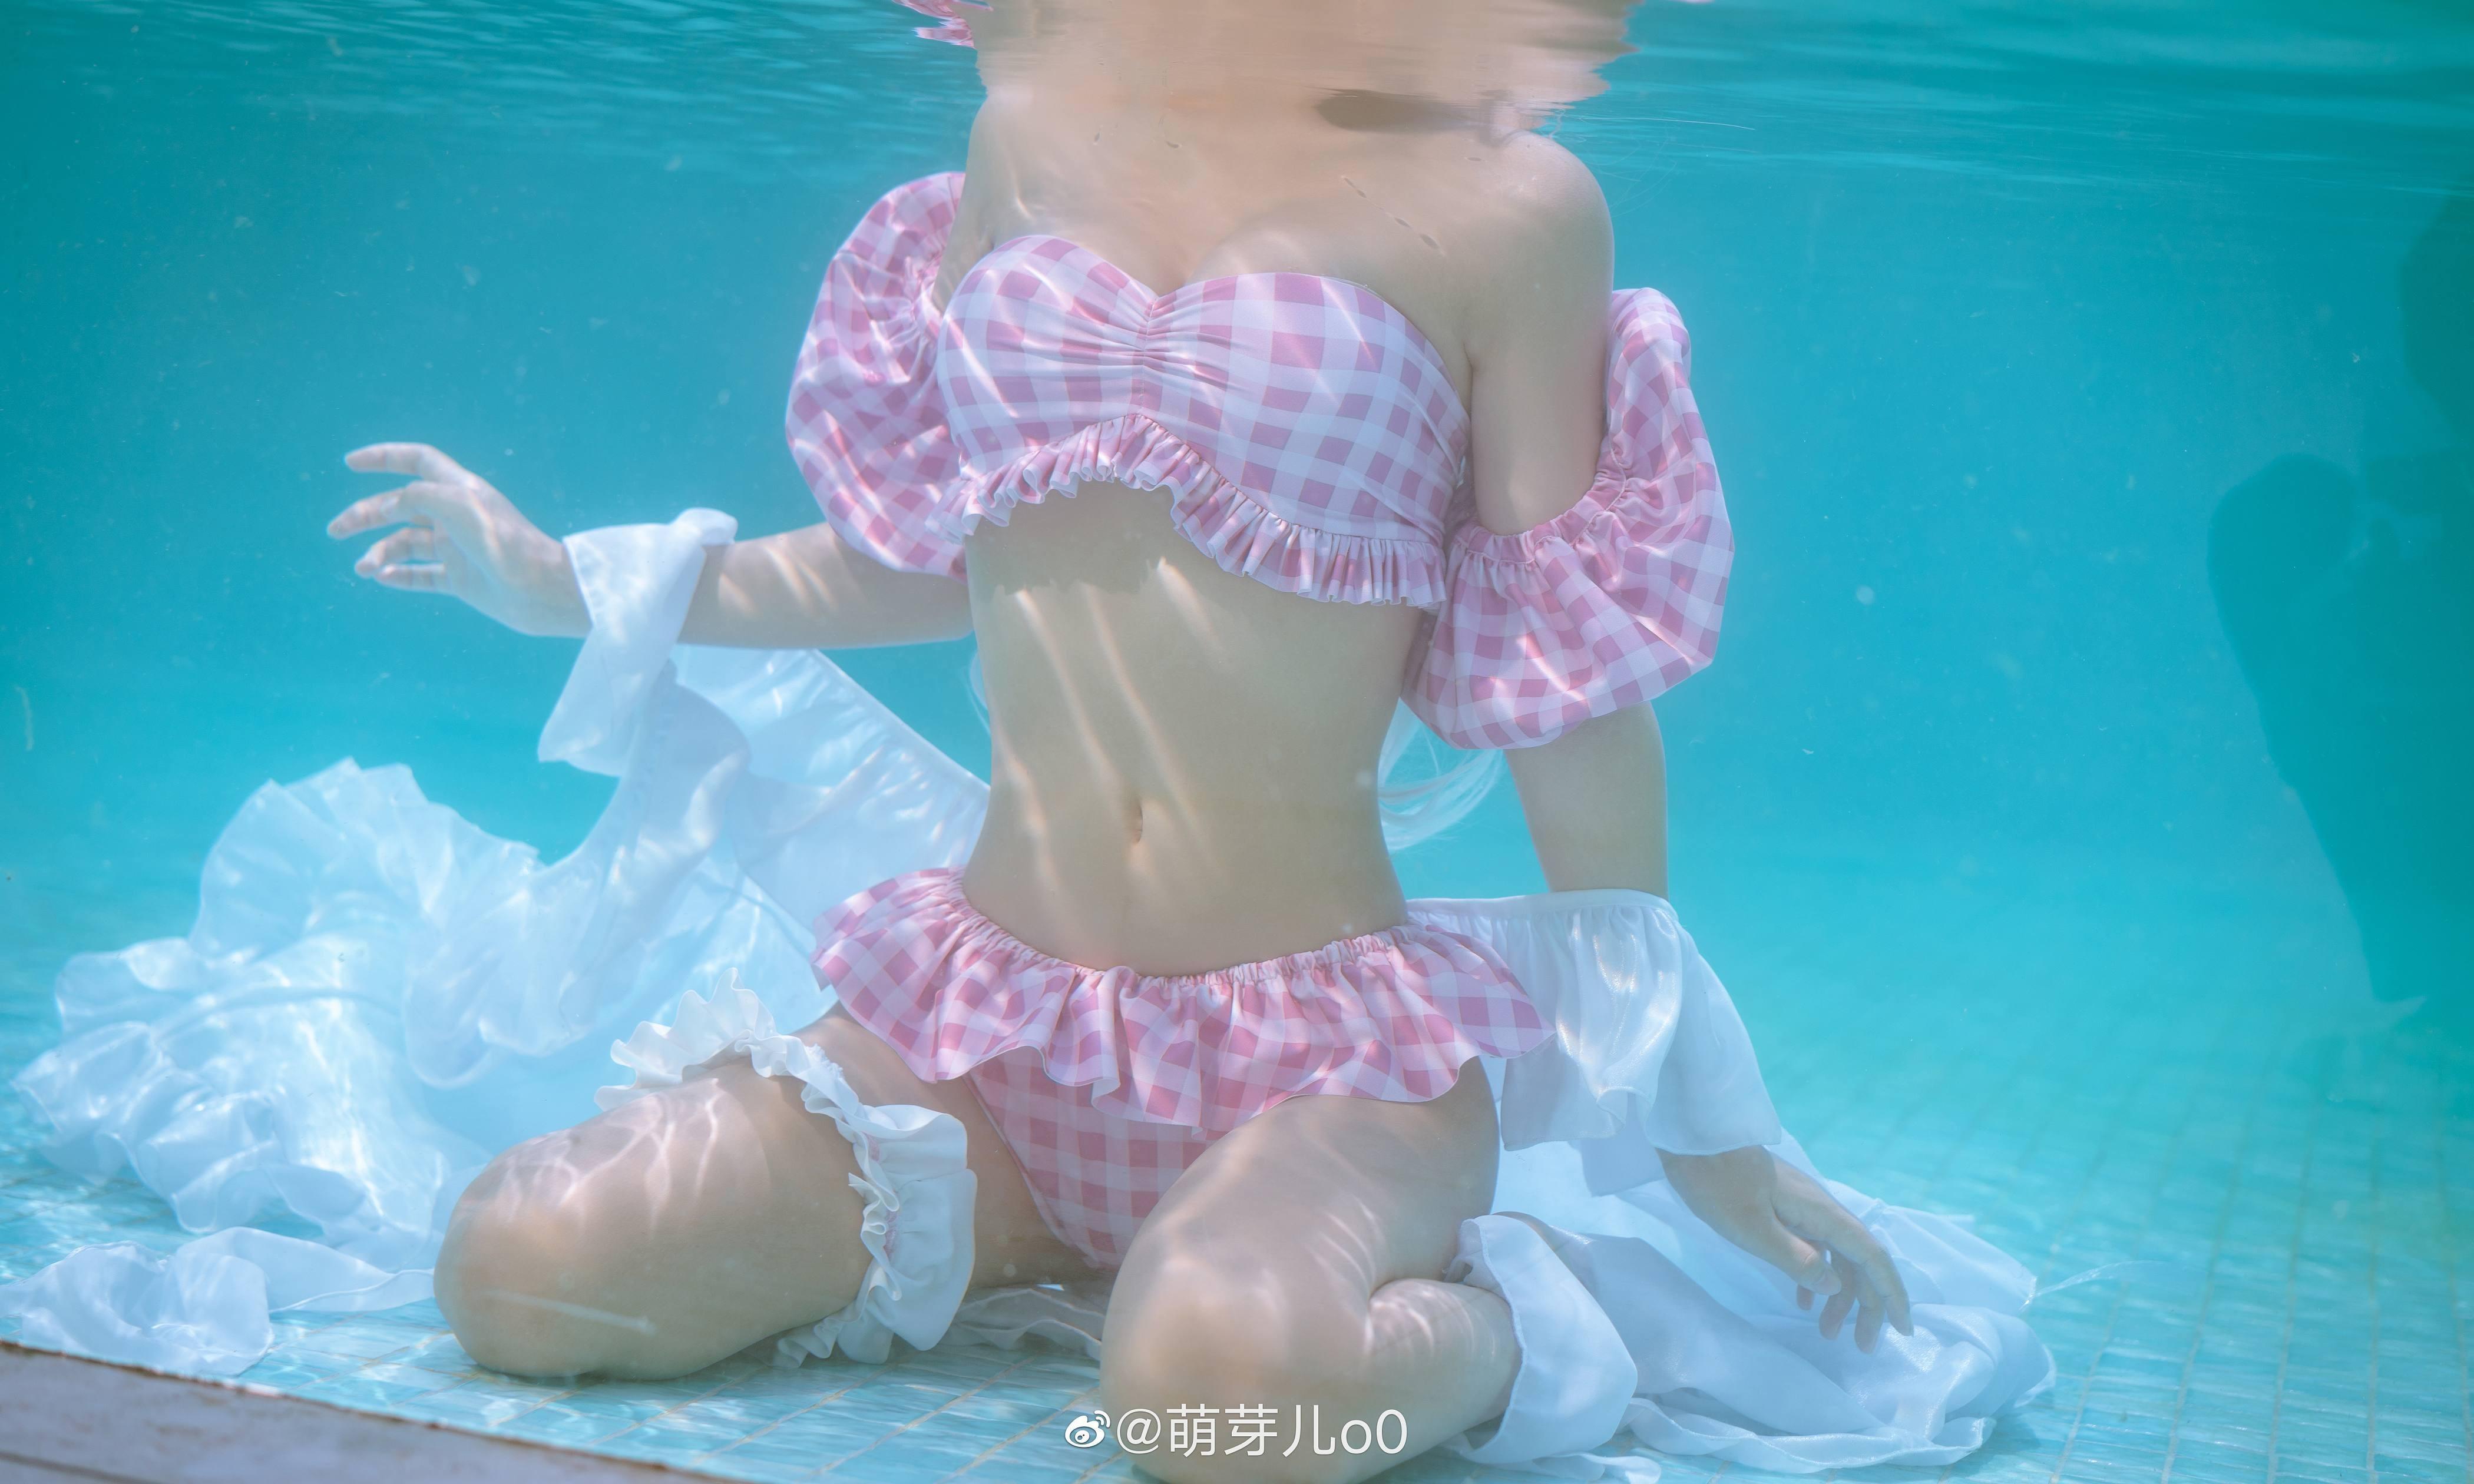 【预览】【萌芽儿o0】艾雅法拉 泳装 cos